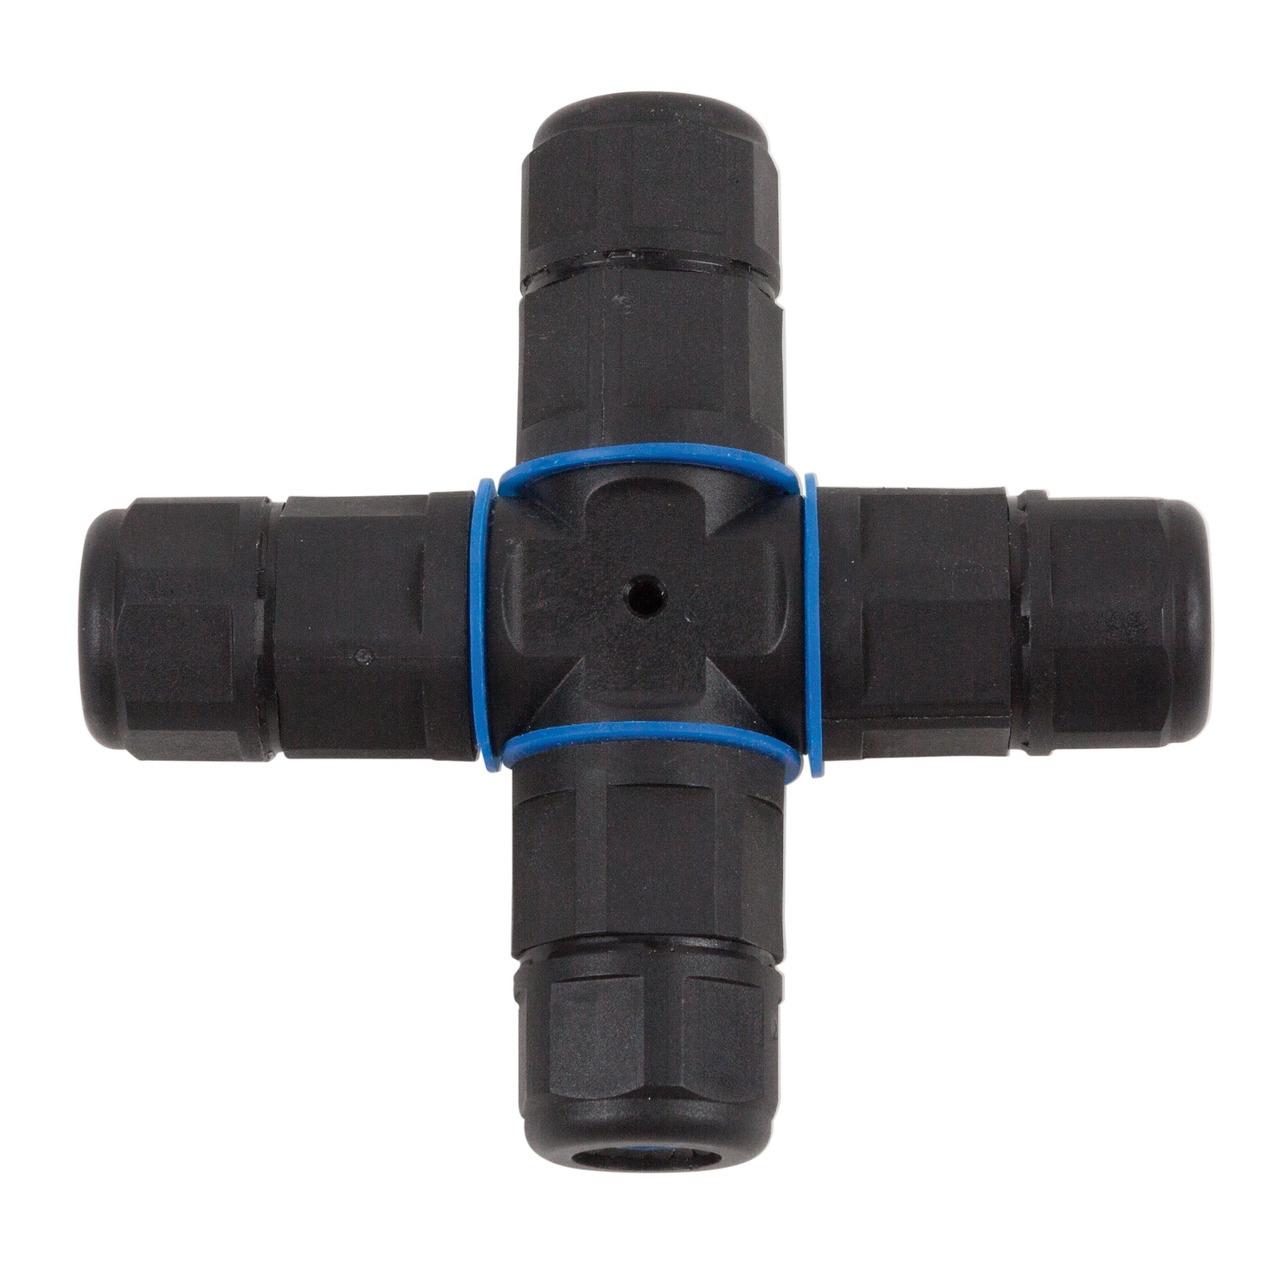 HEITRONIC Kreuz-Kabelverbinder- 3-polig- IP68- wasserdicht bis 1 m